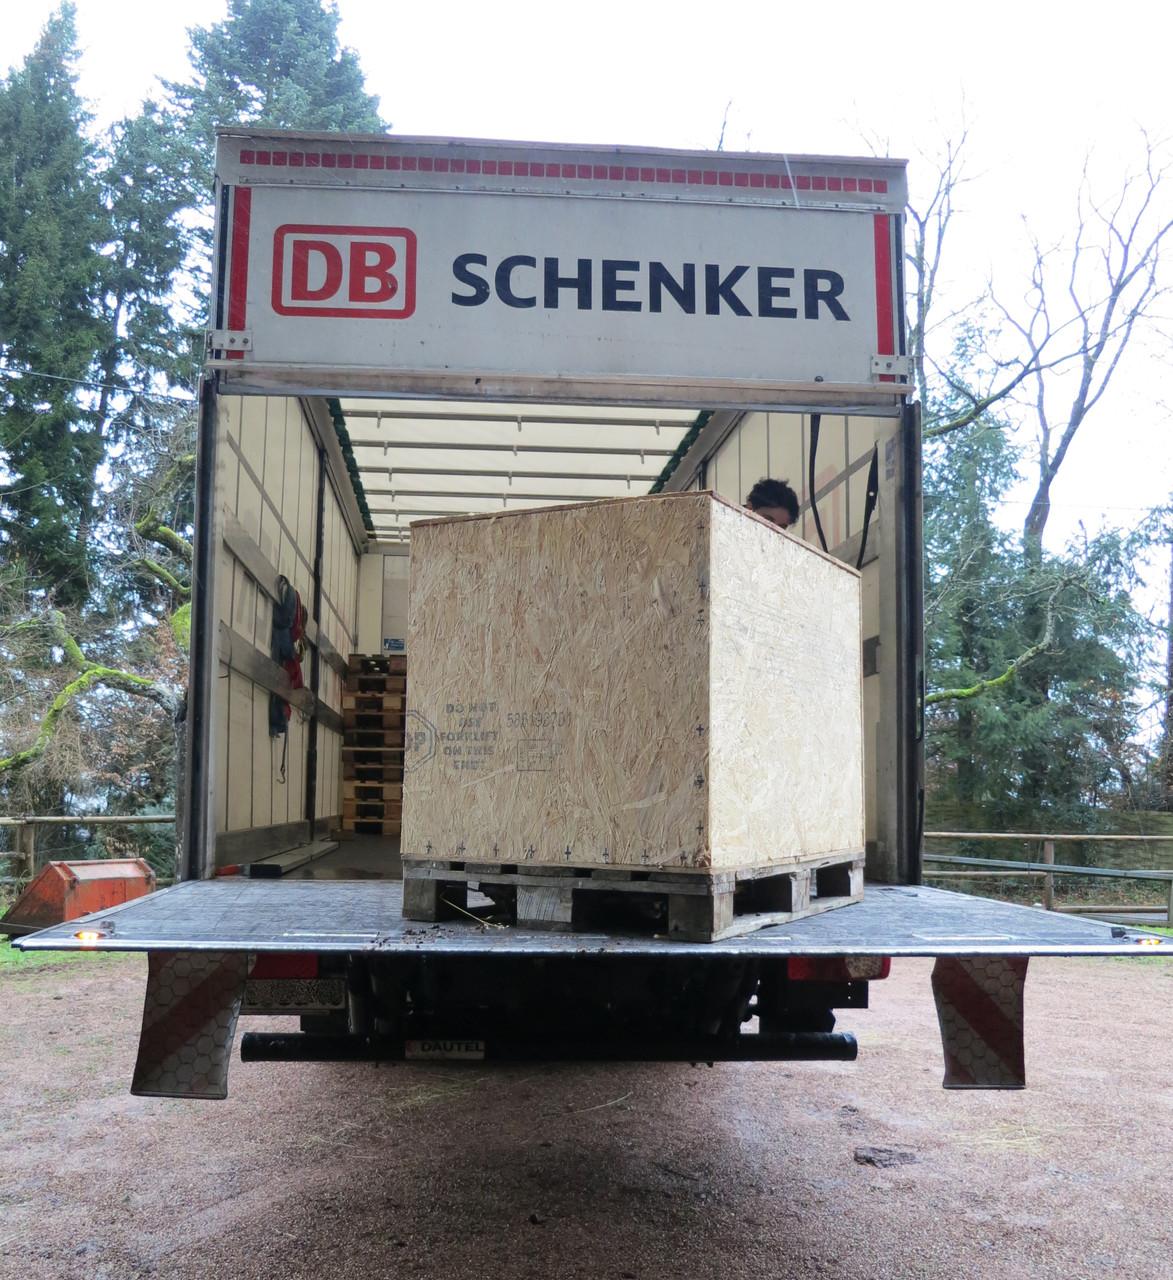 ... begibt sich der Rüde auf die Reise durch ganz Deutschland.